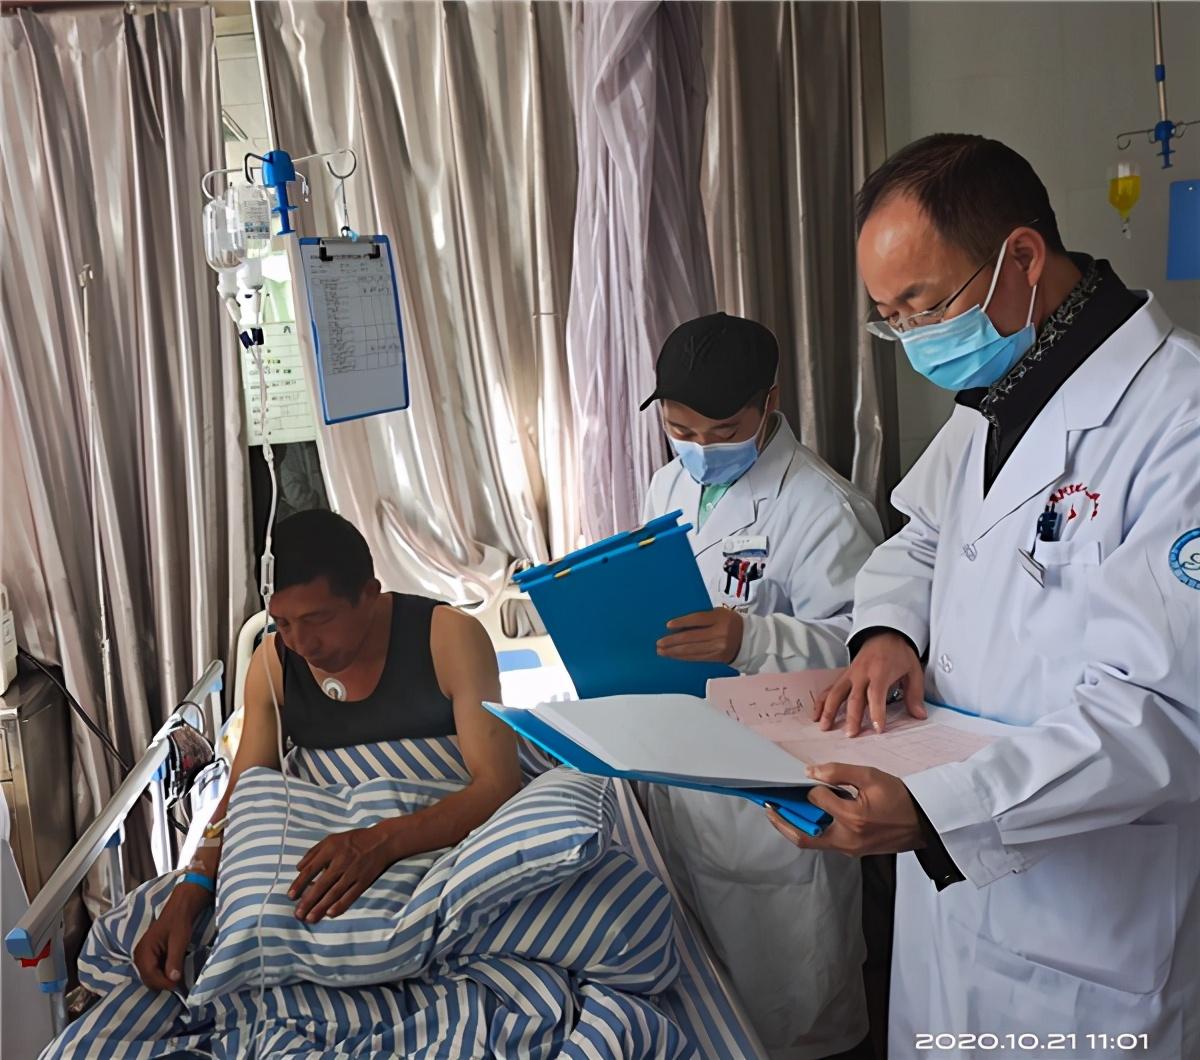 陕西援藏医生朱参战,坚守使命初心不忘,雪域高原守卫健康